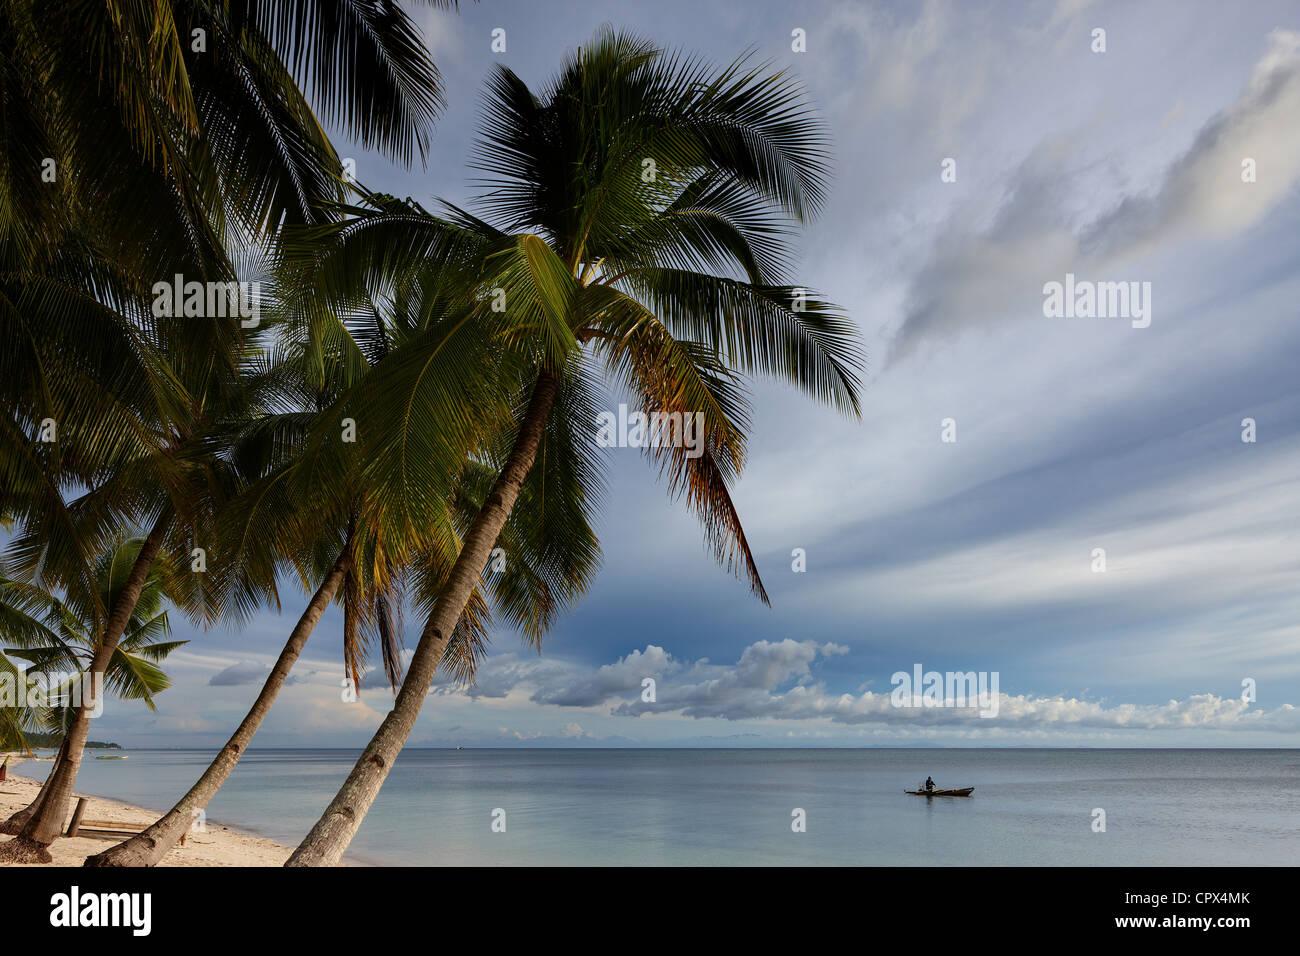 San Juan Beach, Siquijor, The Visayas, Philippines - Stock Image